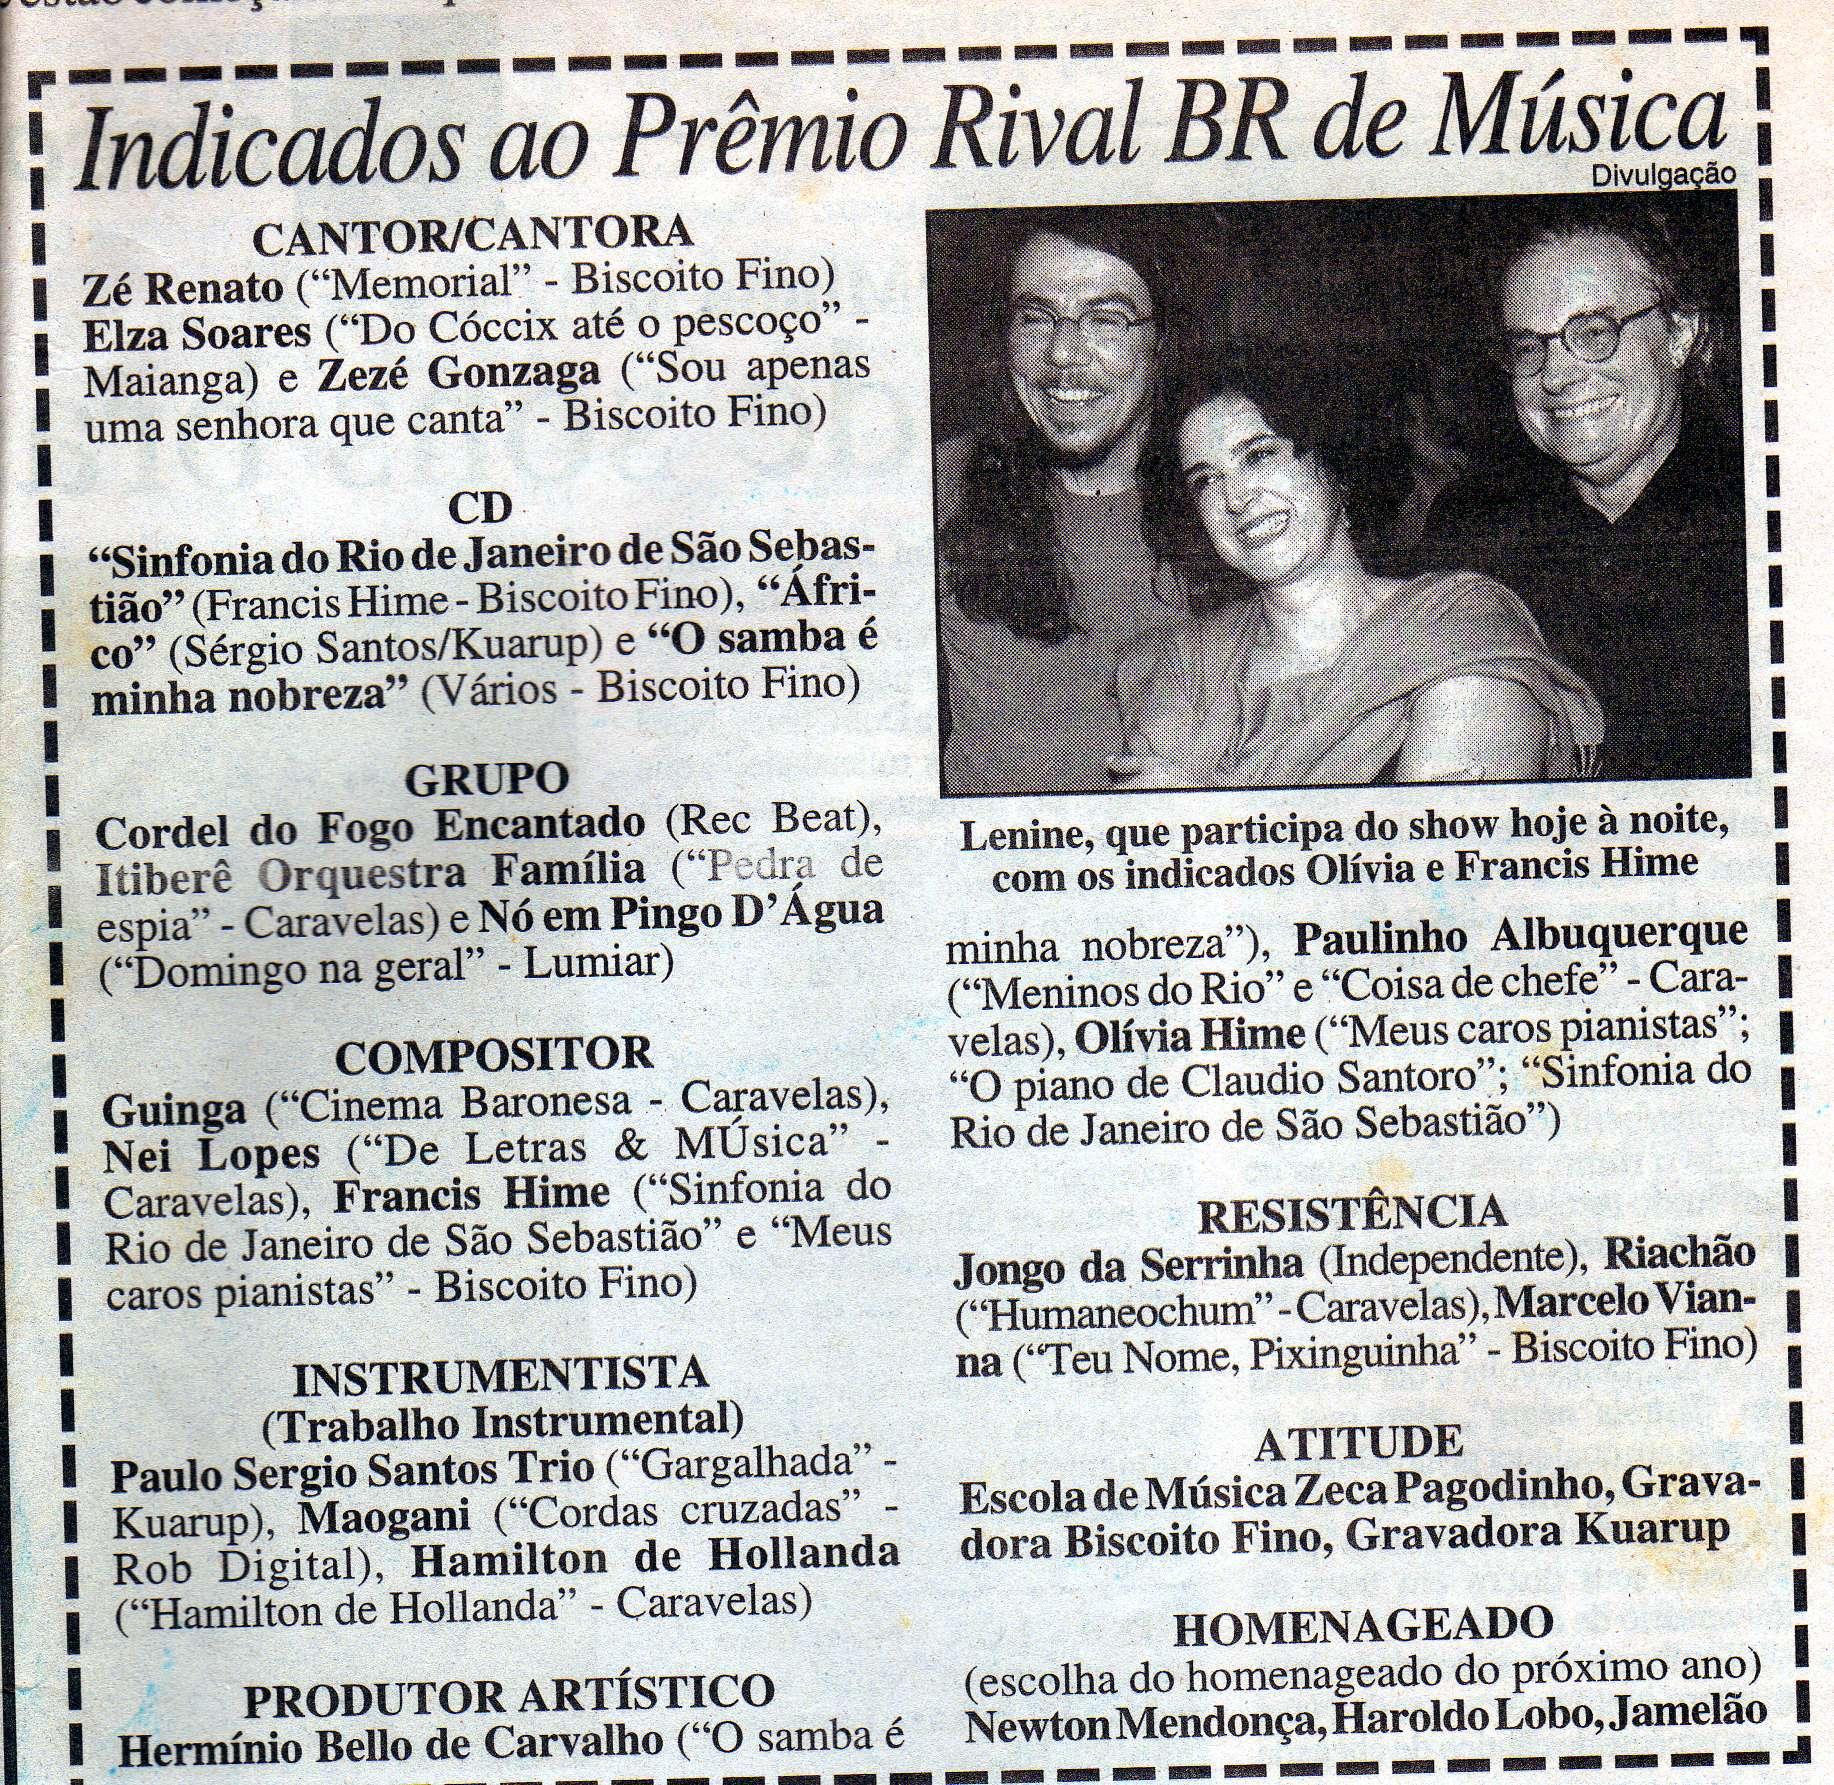 Indicação Prêmio Rival-BR